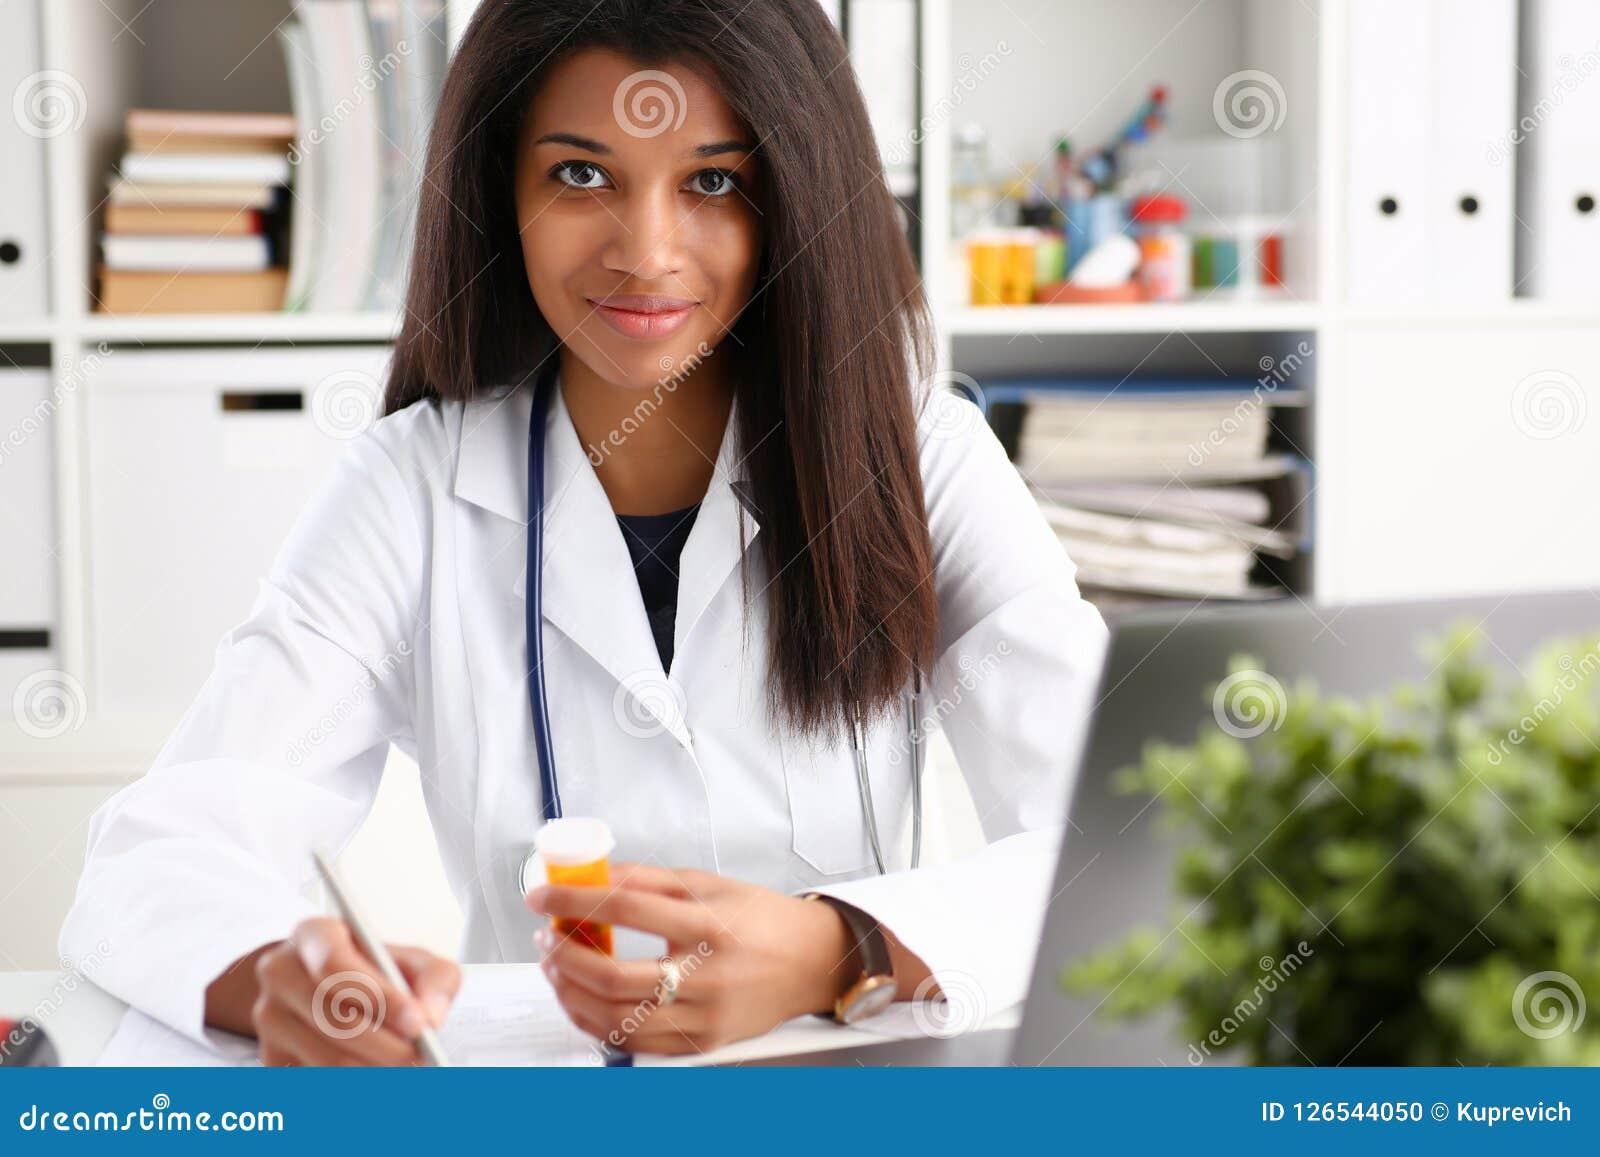 För medicindoktor för kvinnlig svart krus för håll för hand